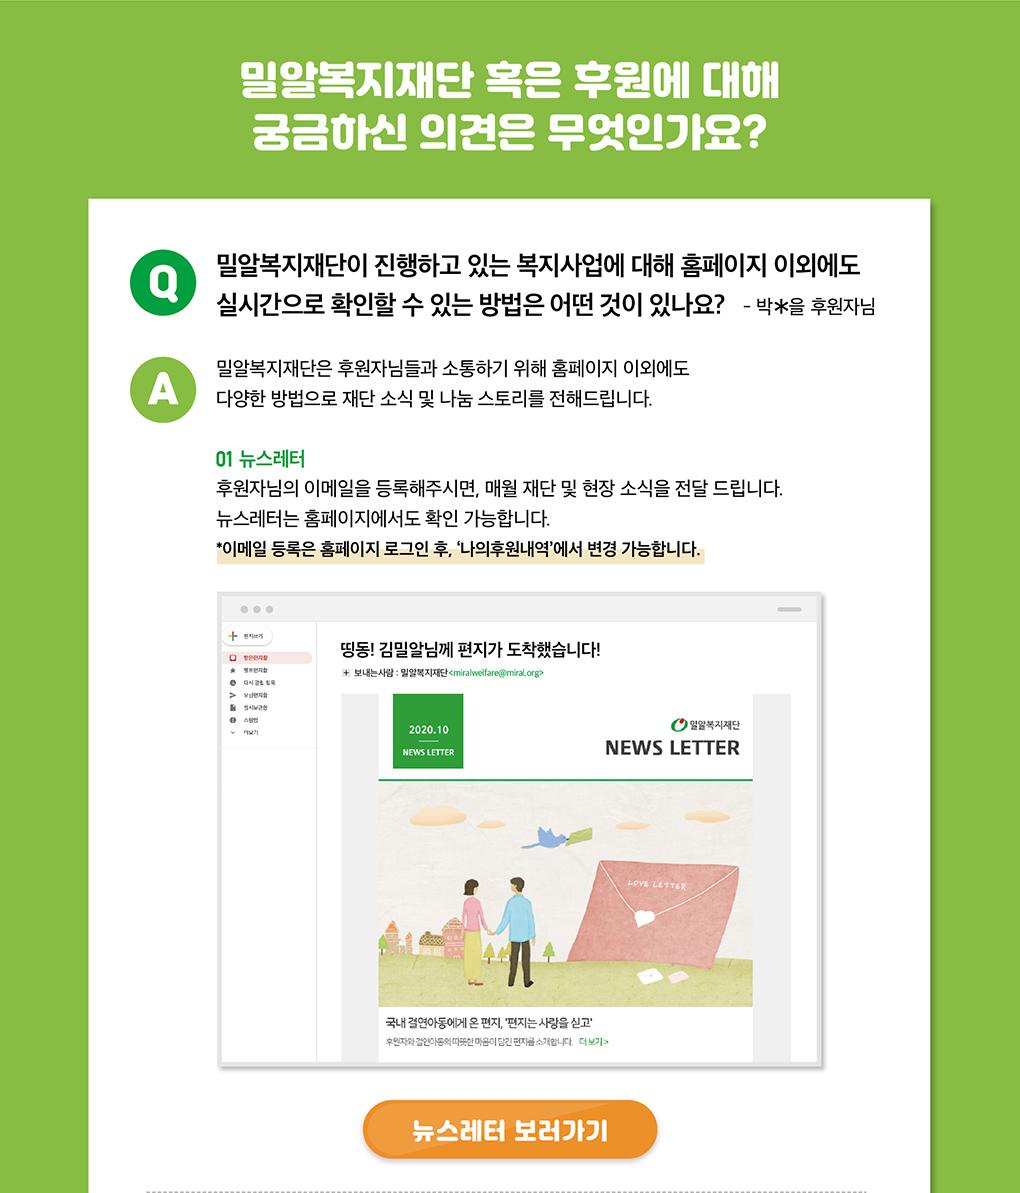 밀알복지재단이 진행하고 있는 복지사업에 대해 홈페이지 이외에도 실시간으로 확인할 수 있는 방법은 첫번째 뉴스레터가 있습니다.